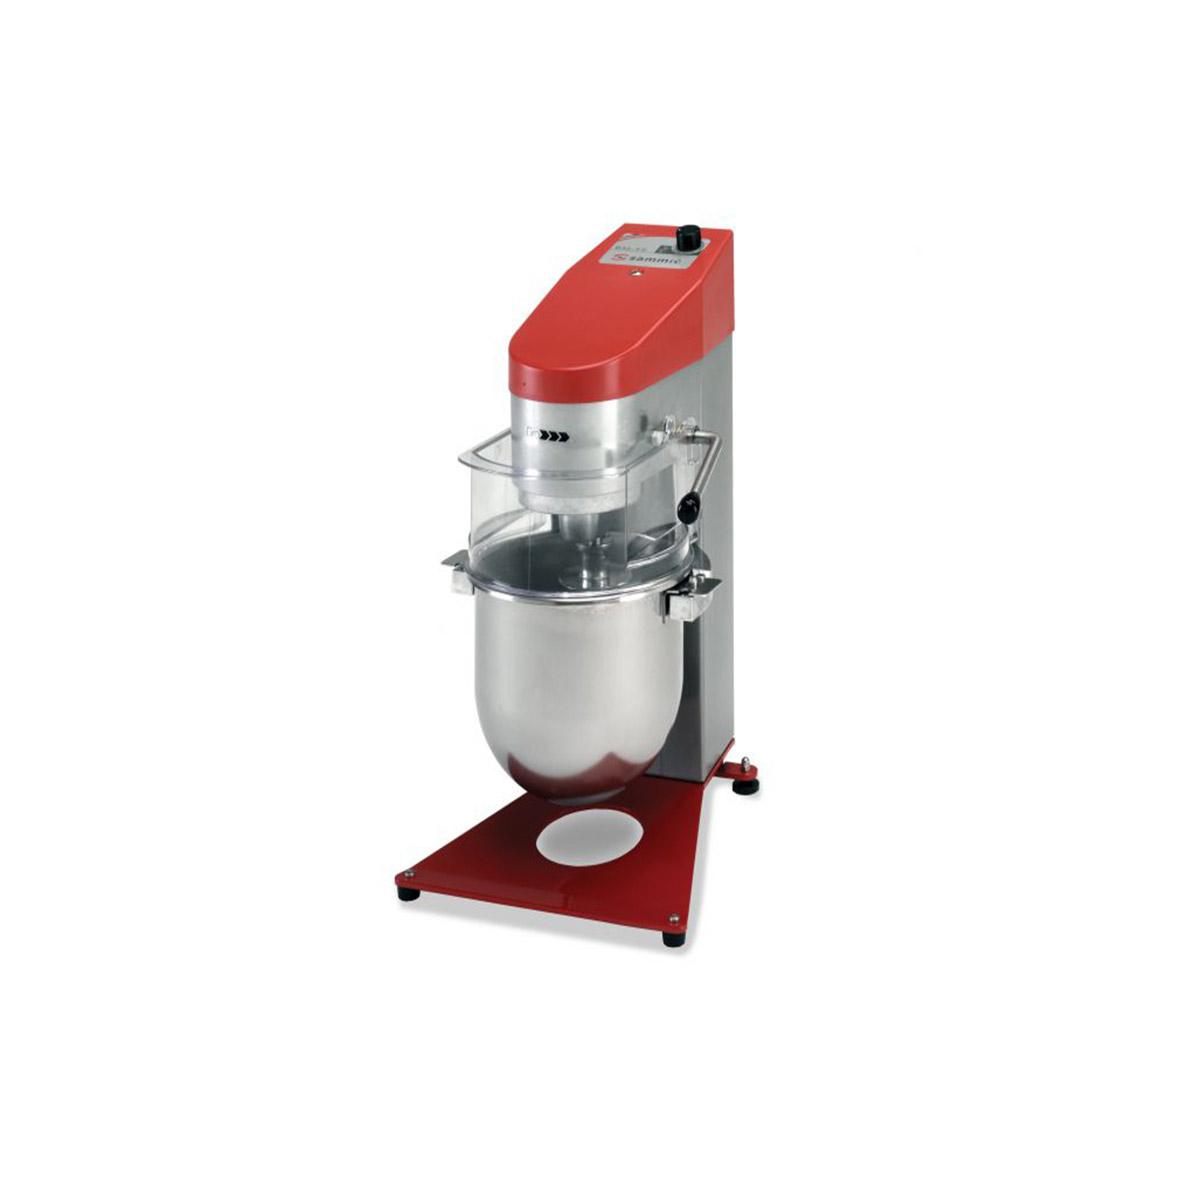 Sammic BM-5E Table Top Food Mixer